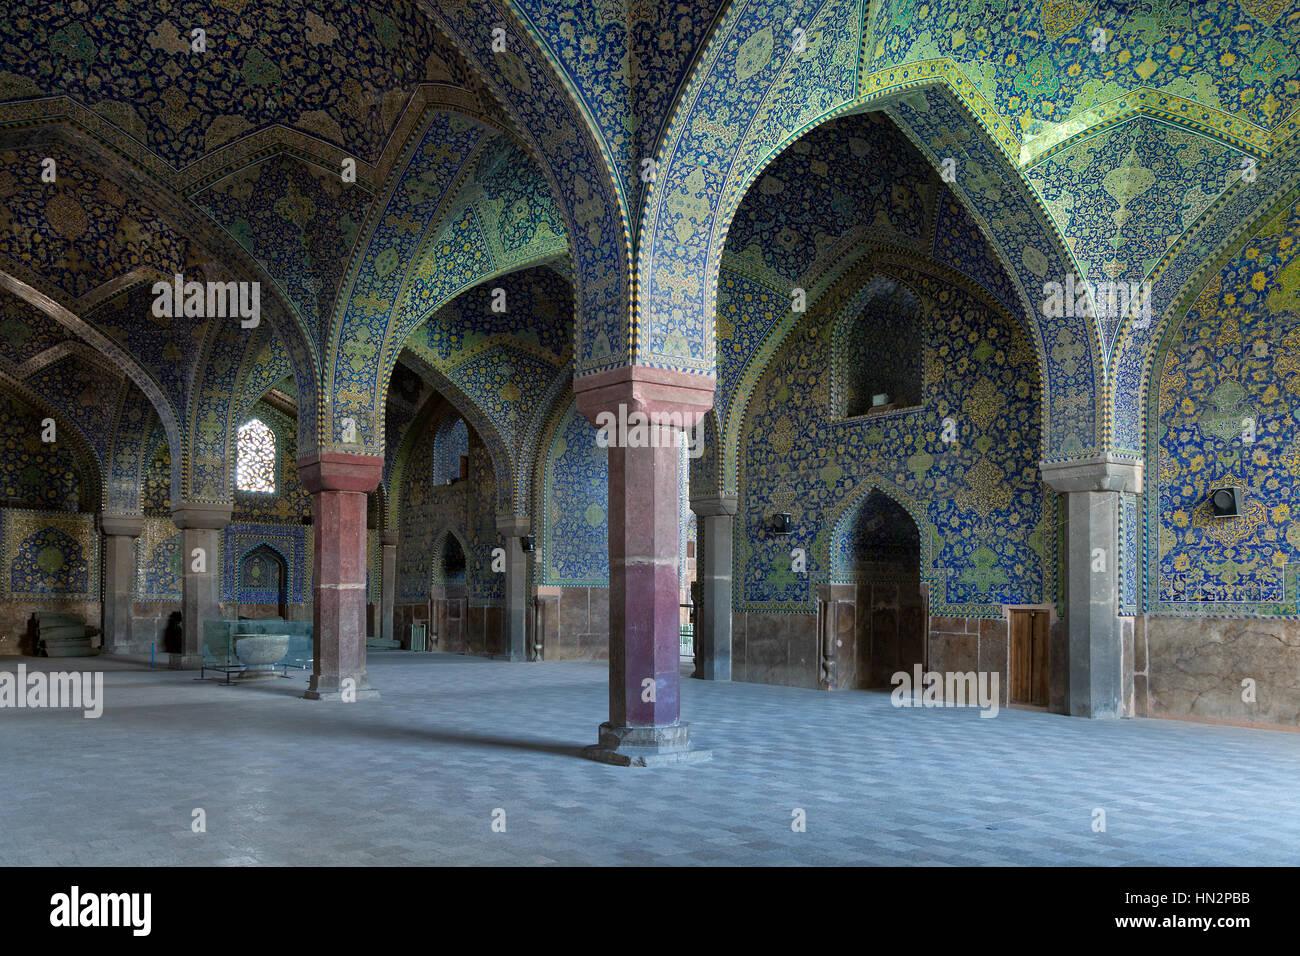 Shah mosque interior, Isfahan, Iran - Stock Image